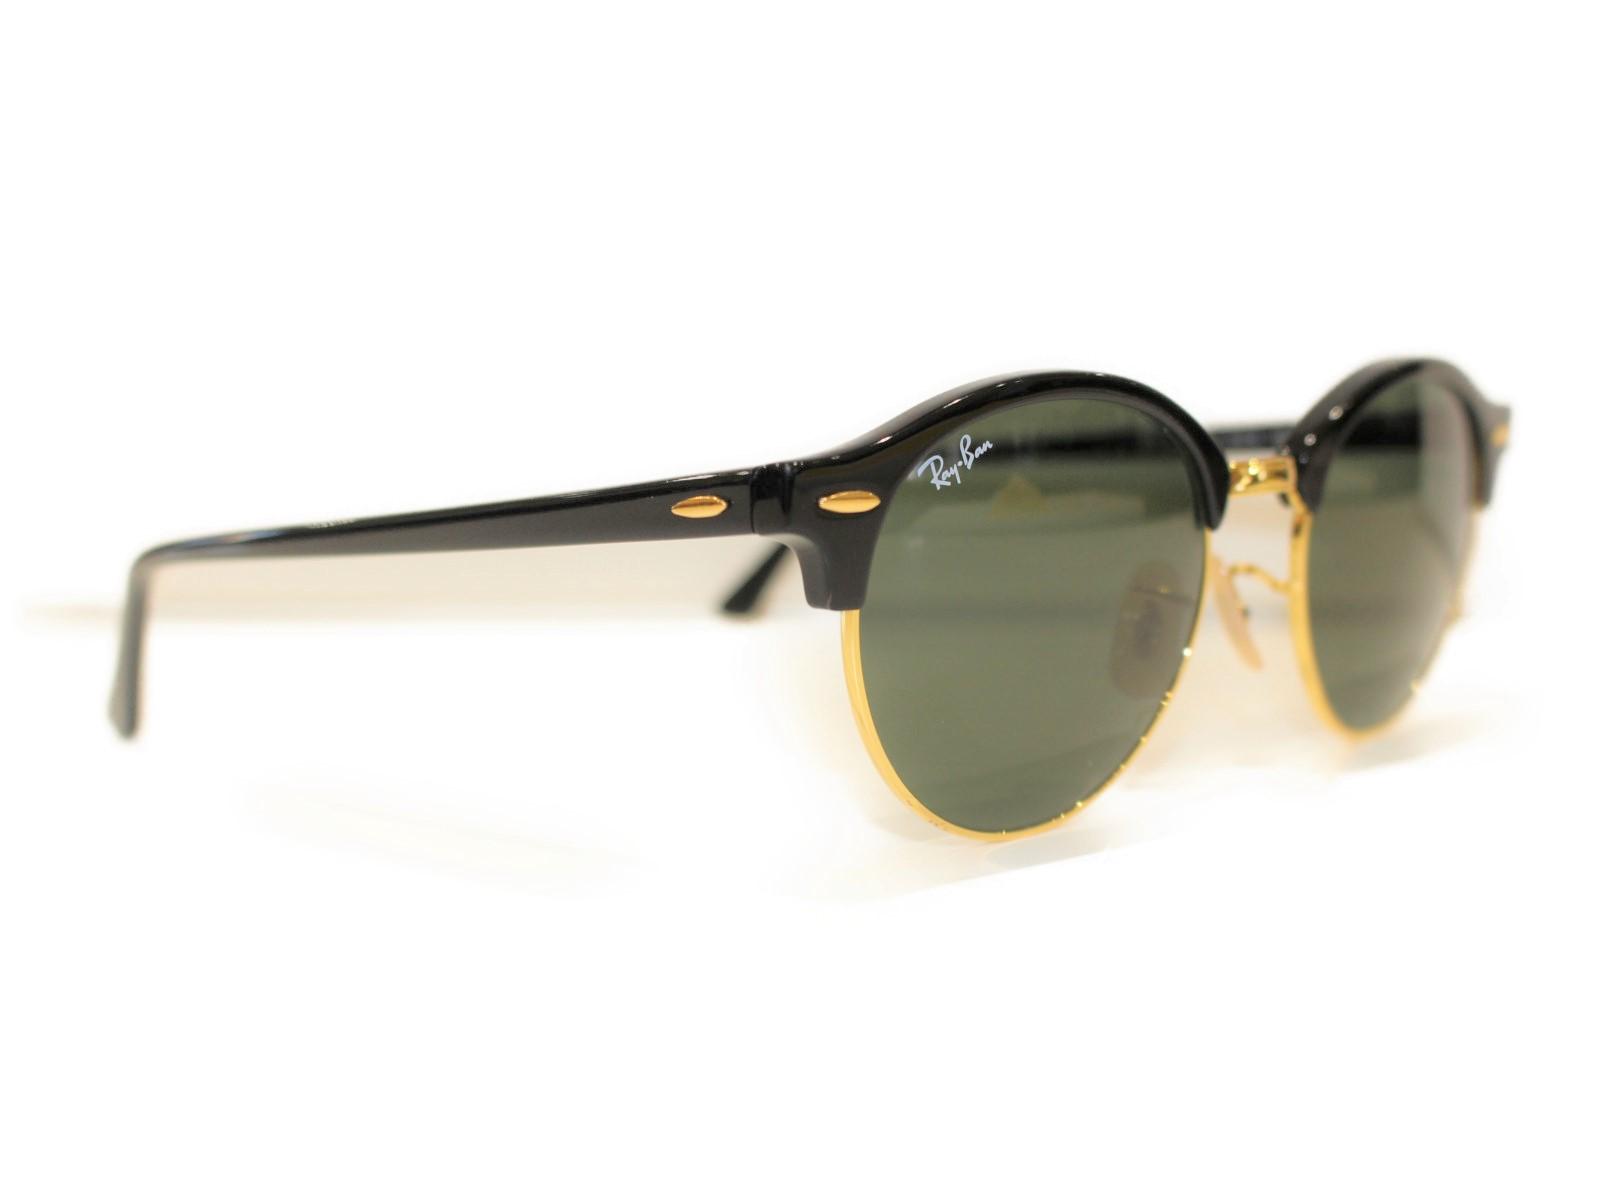 Ray-Ban レイバン サングラス RB 4246 901 ブラック×ゴールド   レディース ユニセックス メンズ ウィメンズ 眼鏡 かっこいい 小物 紳士【中古】